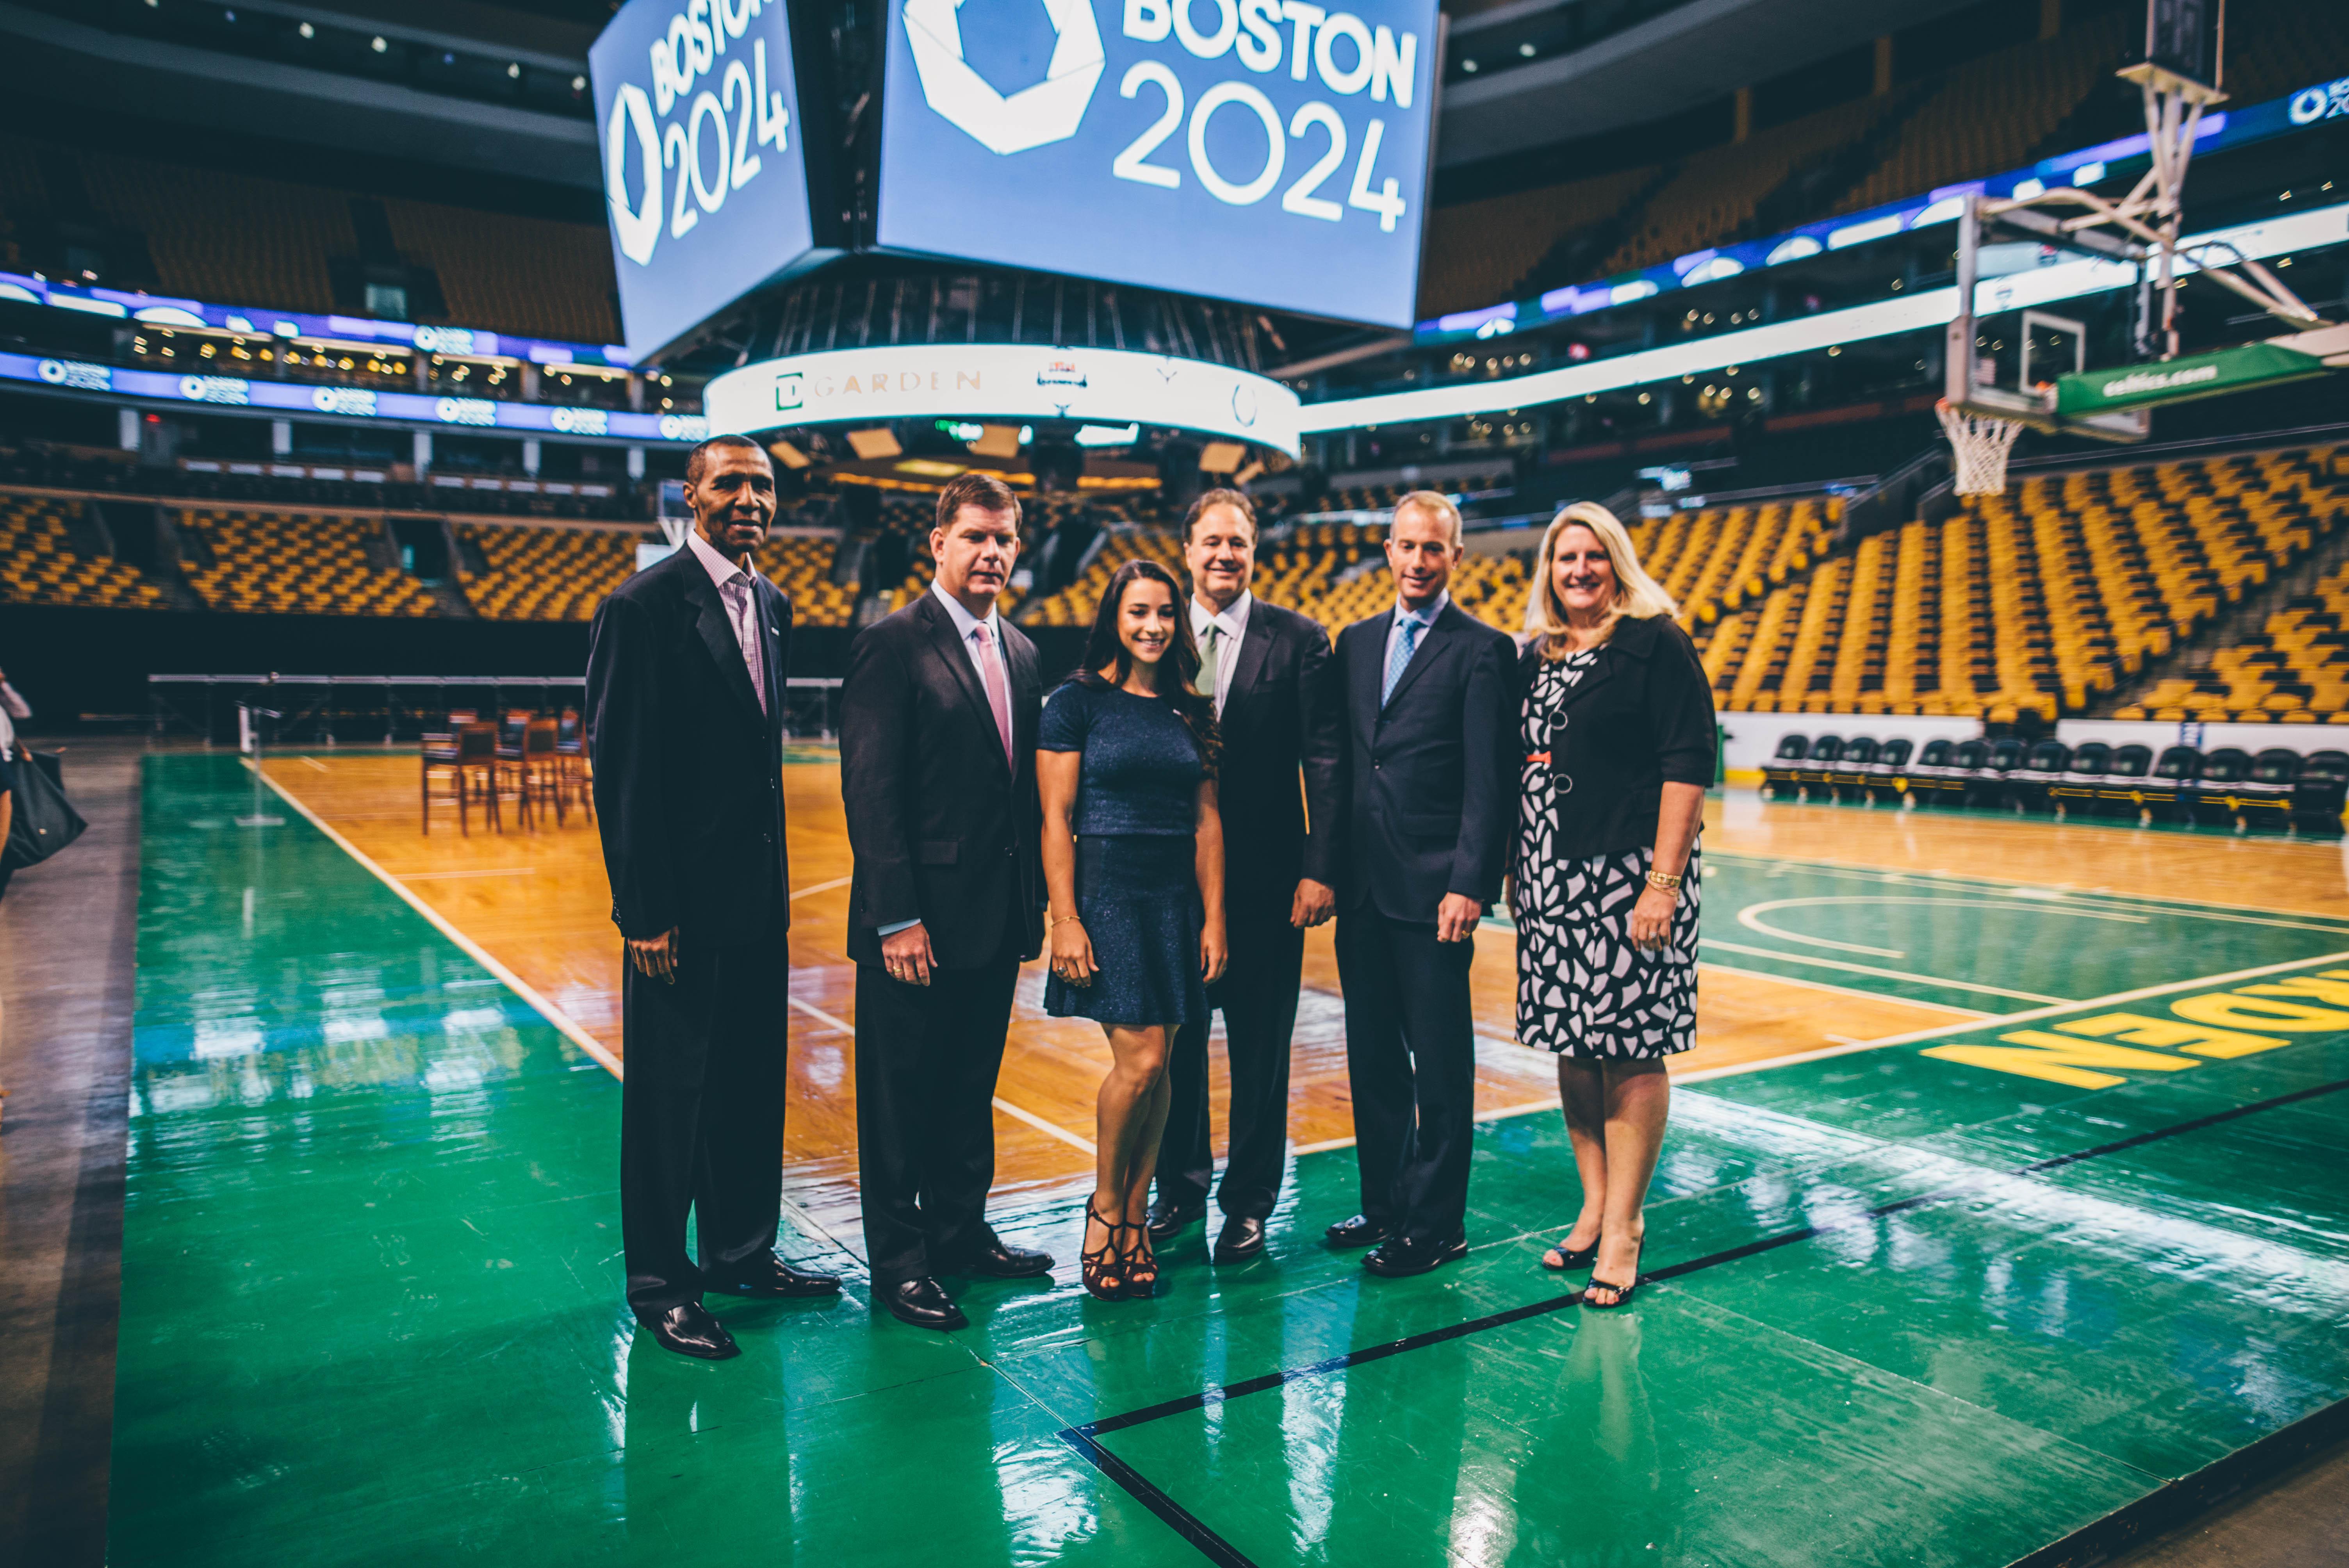 Jojo White, ex- jugador por los Celtics y baloncelista olímpico del 1968, Alcalde Martin Walsh, Aly Raisman, capitana del equipo de gimnasia  olímpica de los Estados Unidos que ganó la medalla de oro en los juegos del 2012, Steve Pagliuca, Presidente del Comité Organizador Boston 2024,  Charlie Jacobs CEO de los Bruins y Amy Latimer, Presidenta del TD Garden